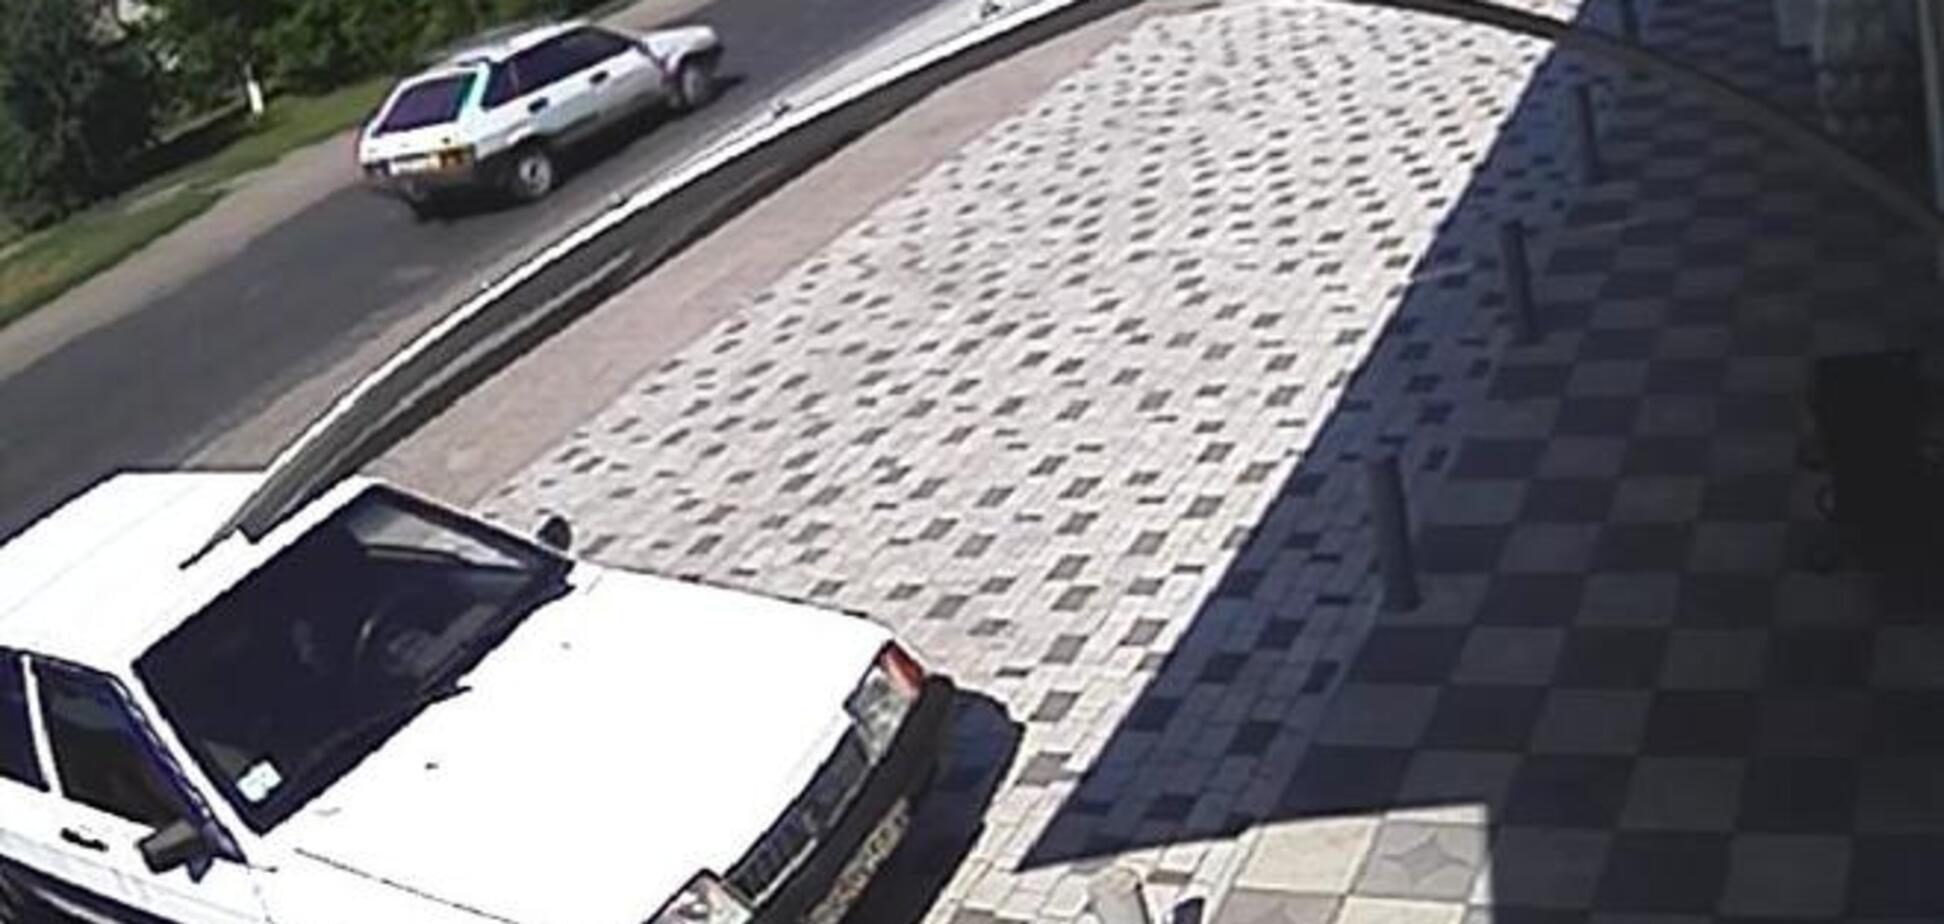 Міліція показала автомобіль вбивць мера Кременчука